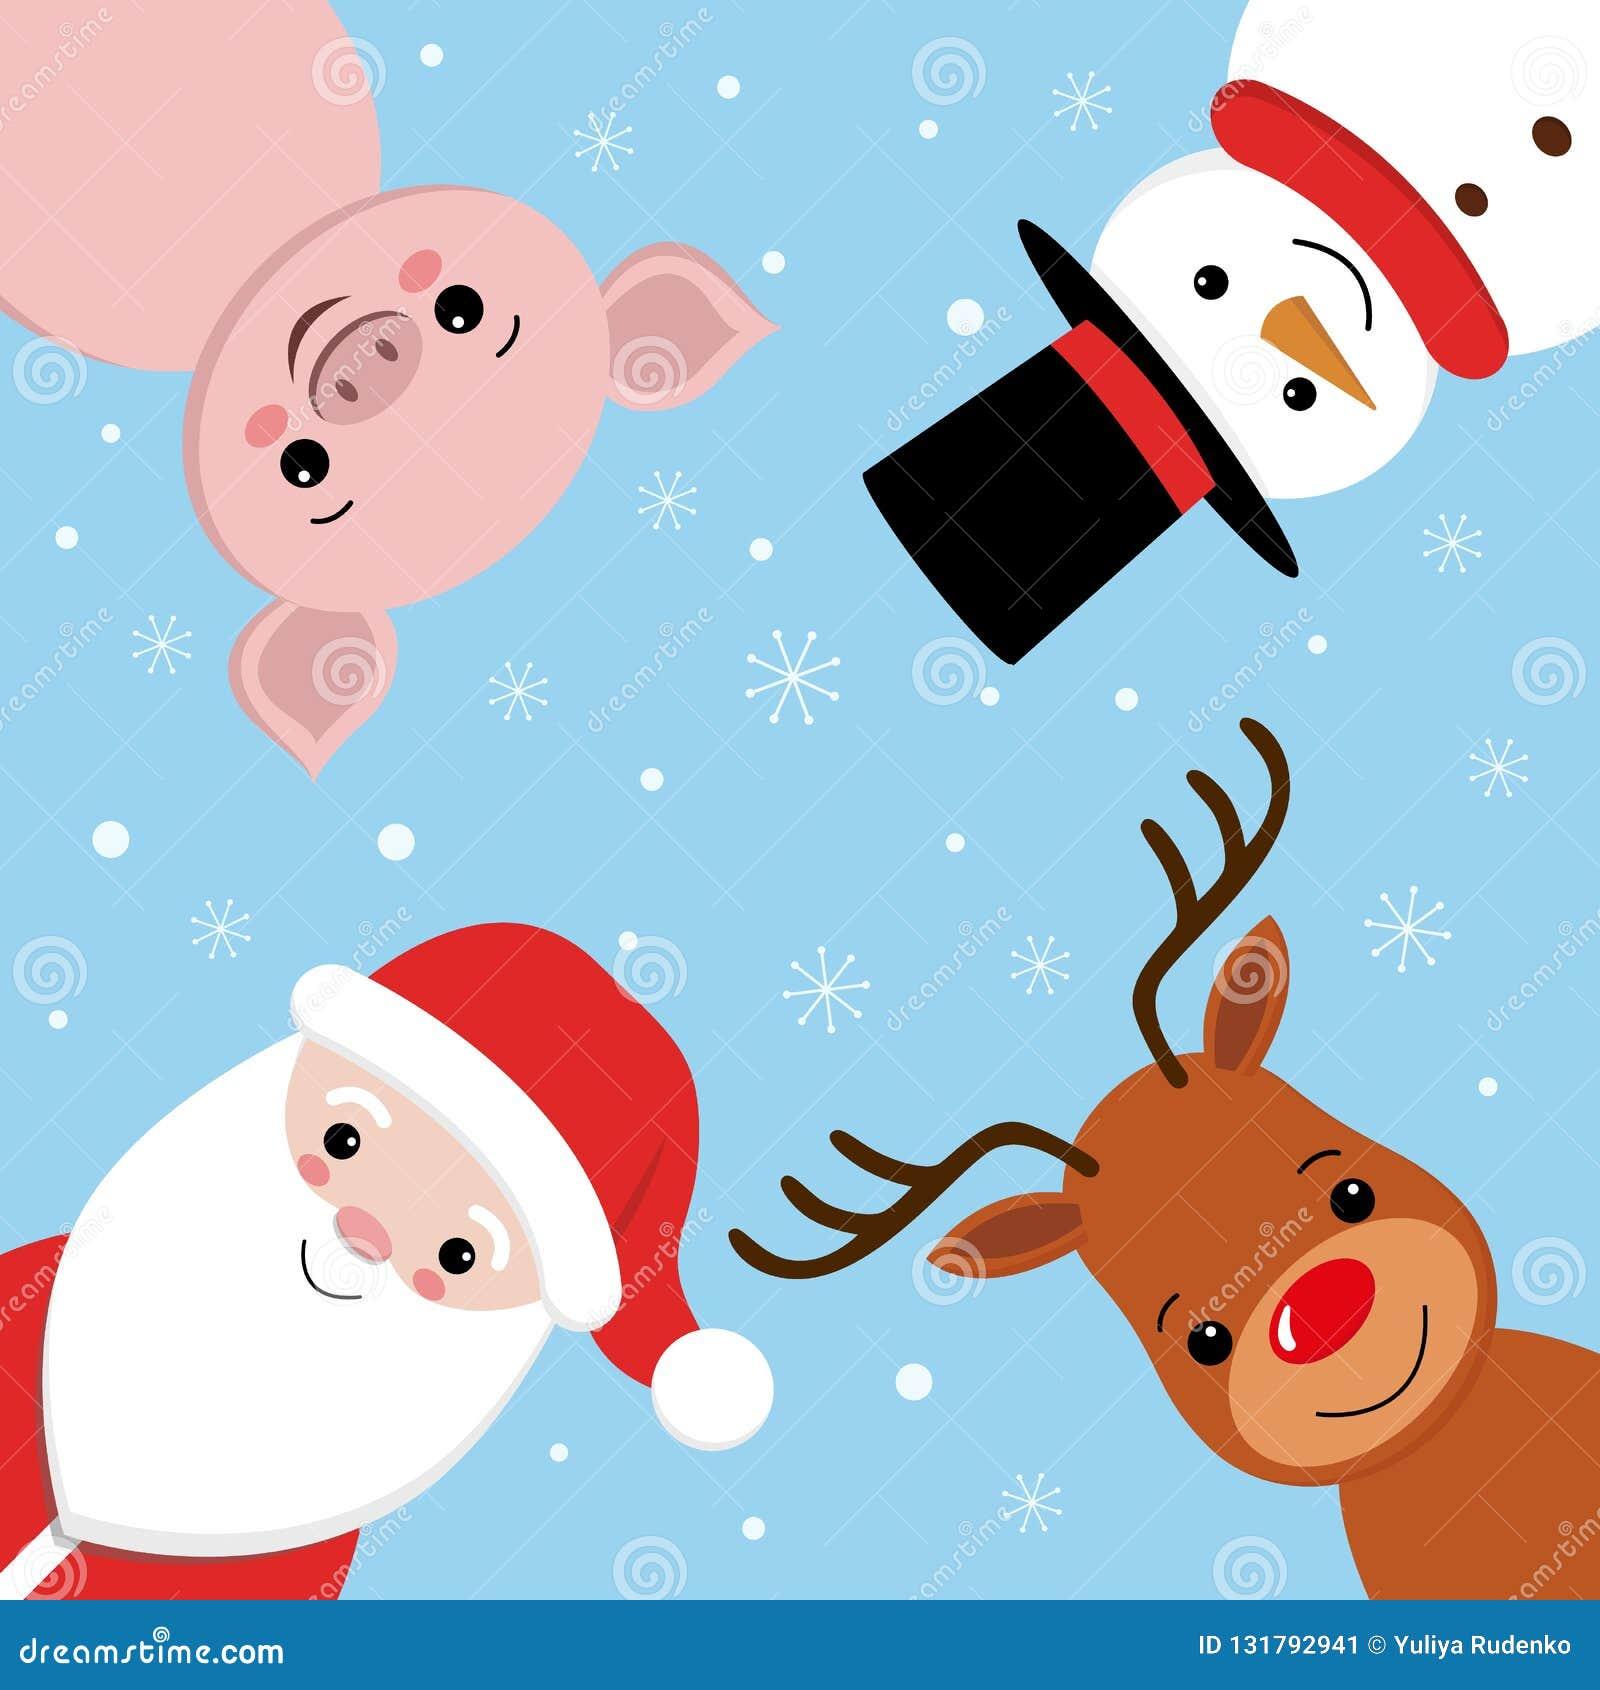 Dibujos De Navidad Creativos.Diseno Del Prospecto De La Feliz Navidad Letras Creativas